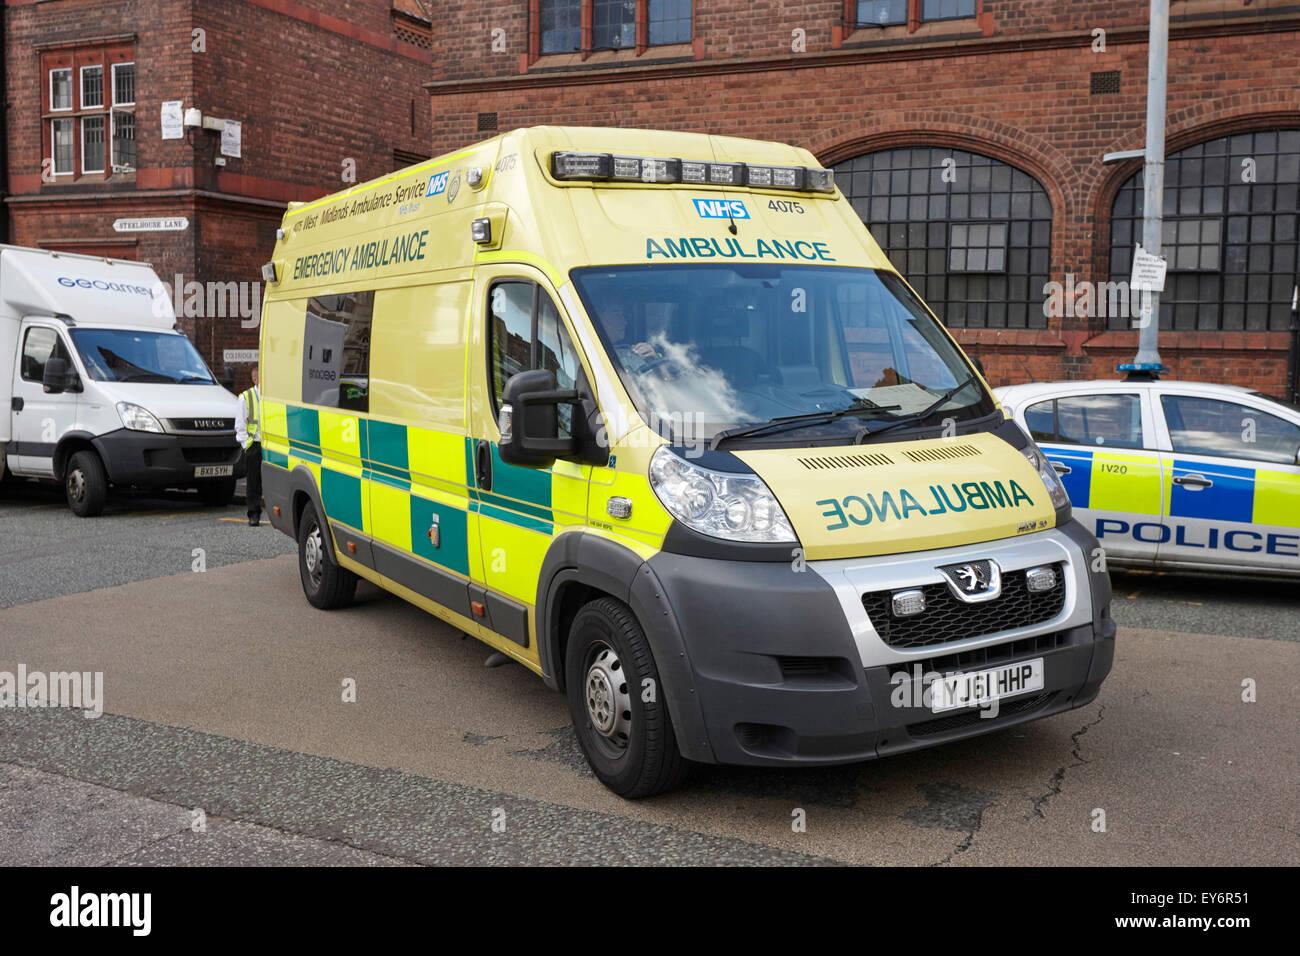 west midlands ambulance service emergency ambulance Birmingham UK - Stock Image